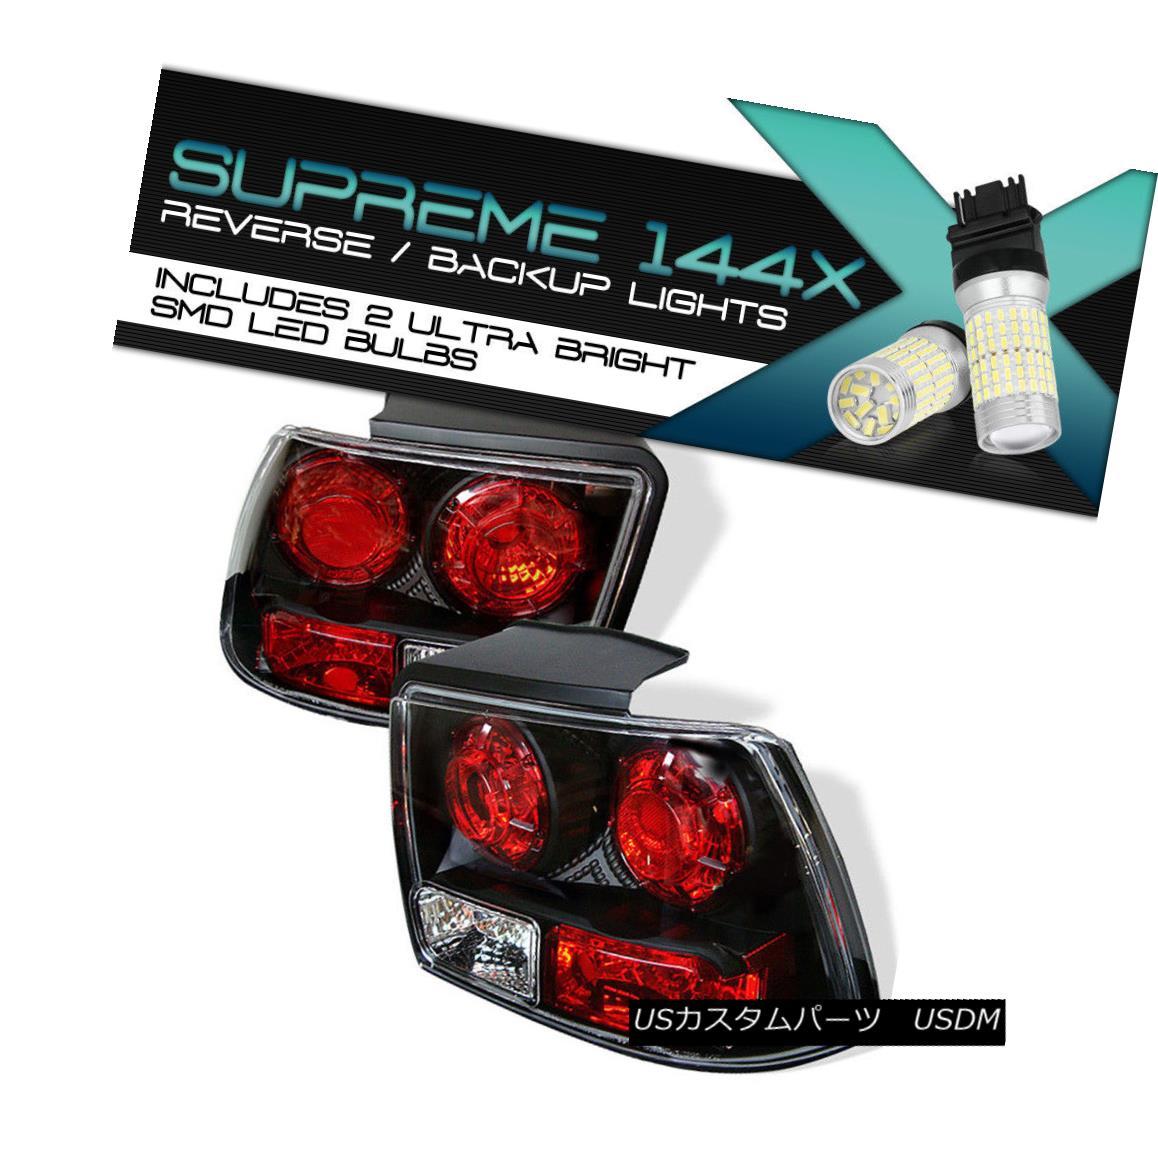 テールライト !FULL SMD REVERSE! 1999-2004 Ford Mustang V6 L@@K V8 Black Tail Light Rear Brake !FULL SMD REVERSE! 1999-2004フォードマスタングV6 L @@ K V8ブラックテールライトリアブレーキ